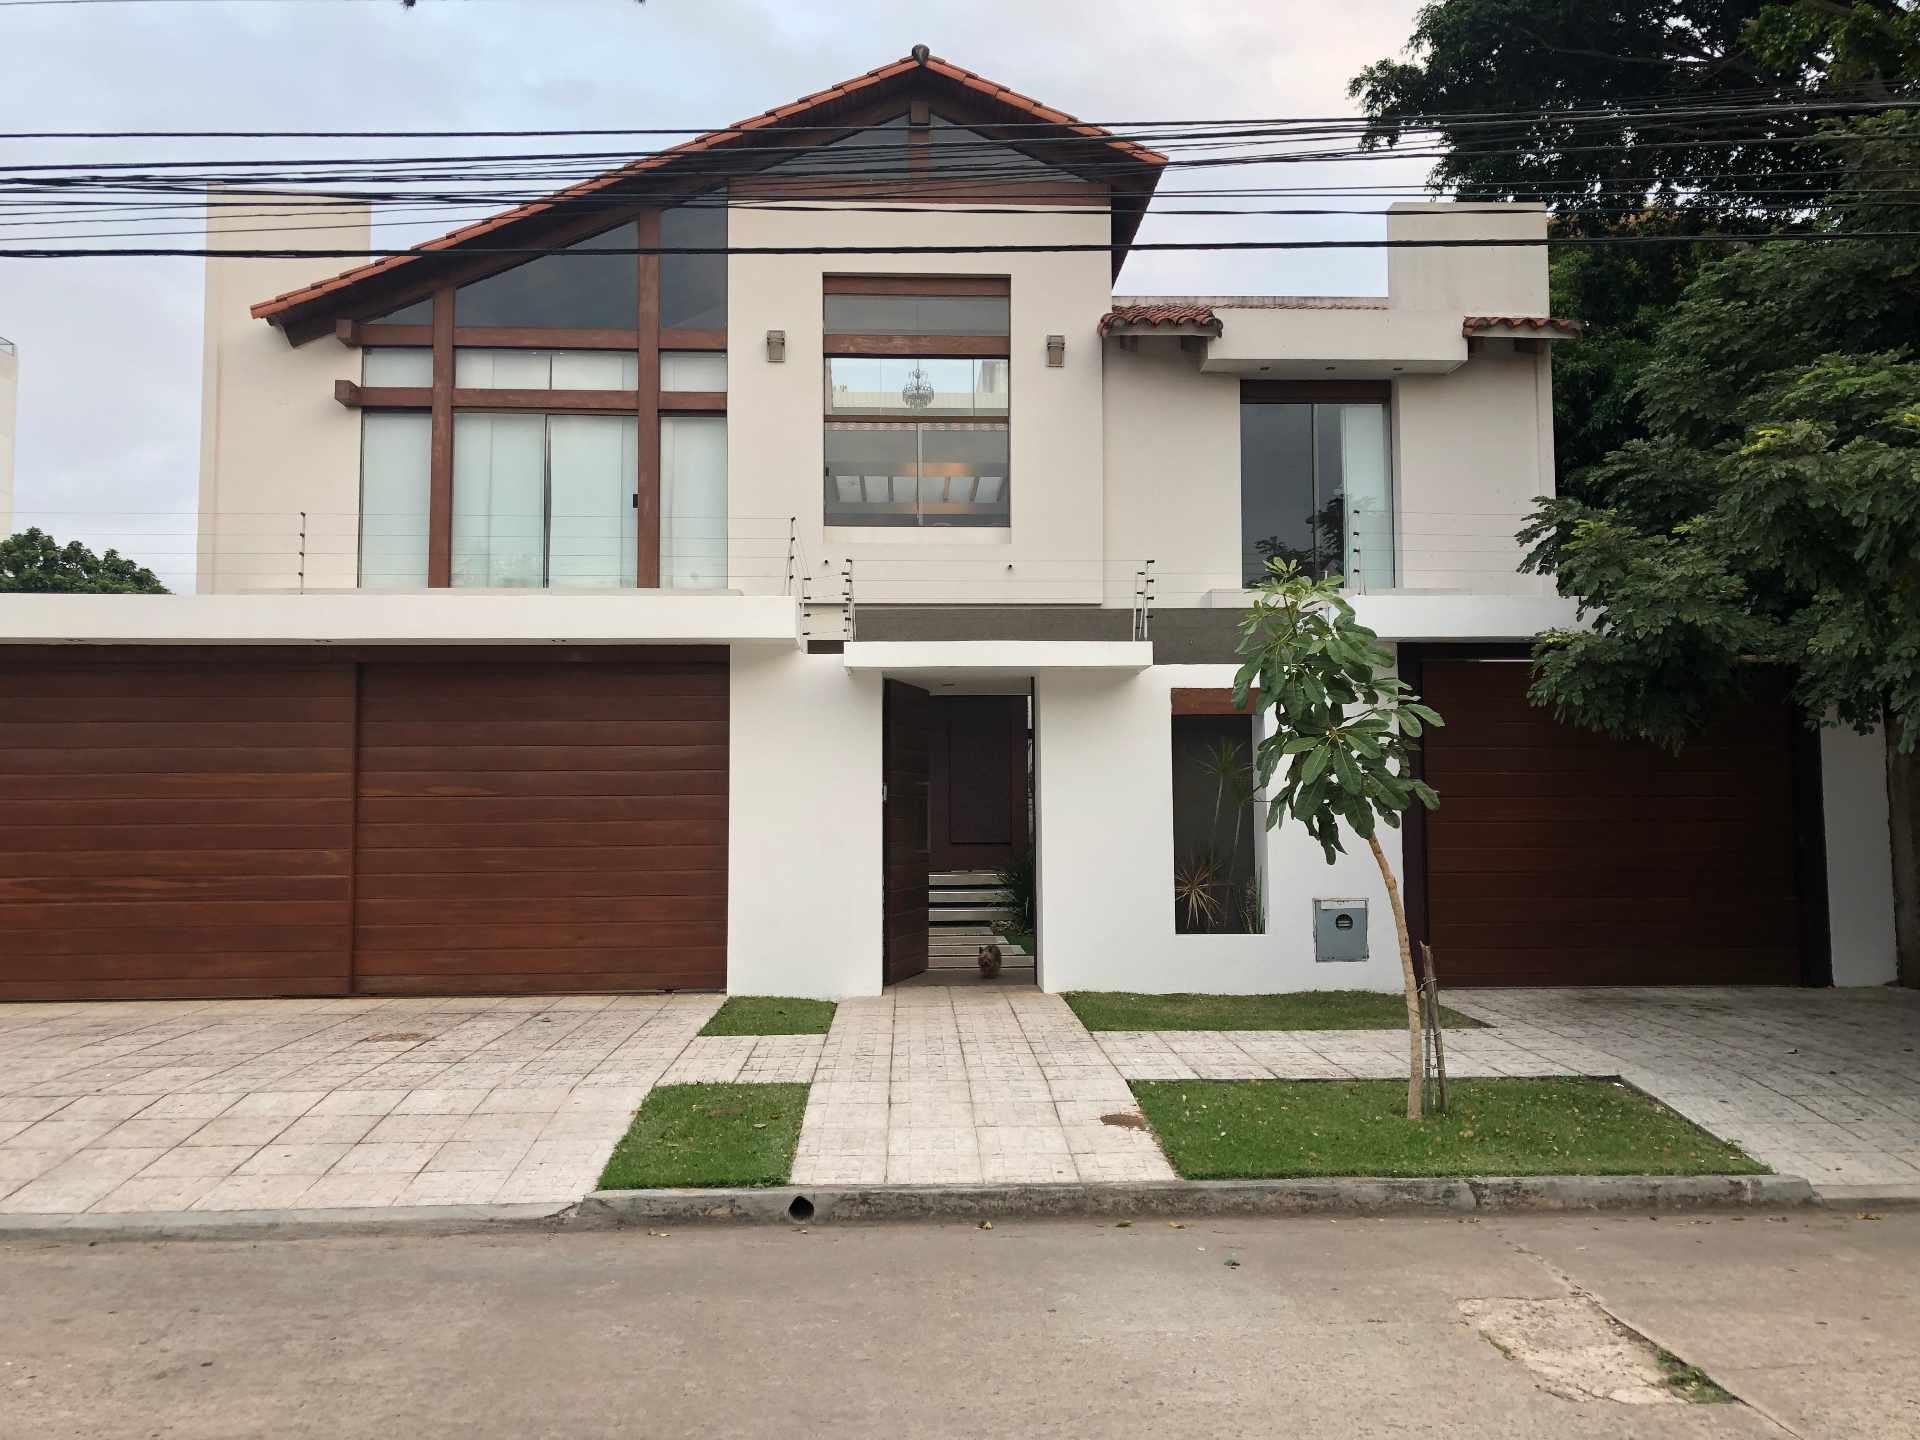 Casa en Venta CASA EN VENTA ZONA AV. SAN AURELIO Y BARRANCA Foto 18